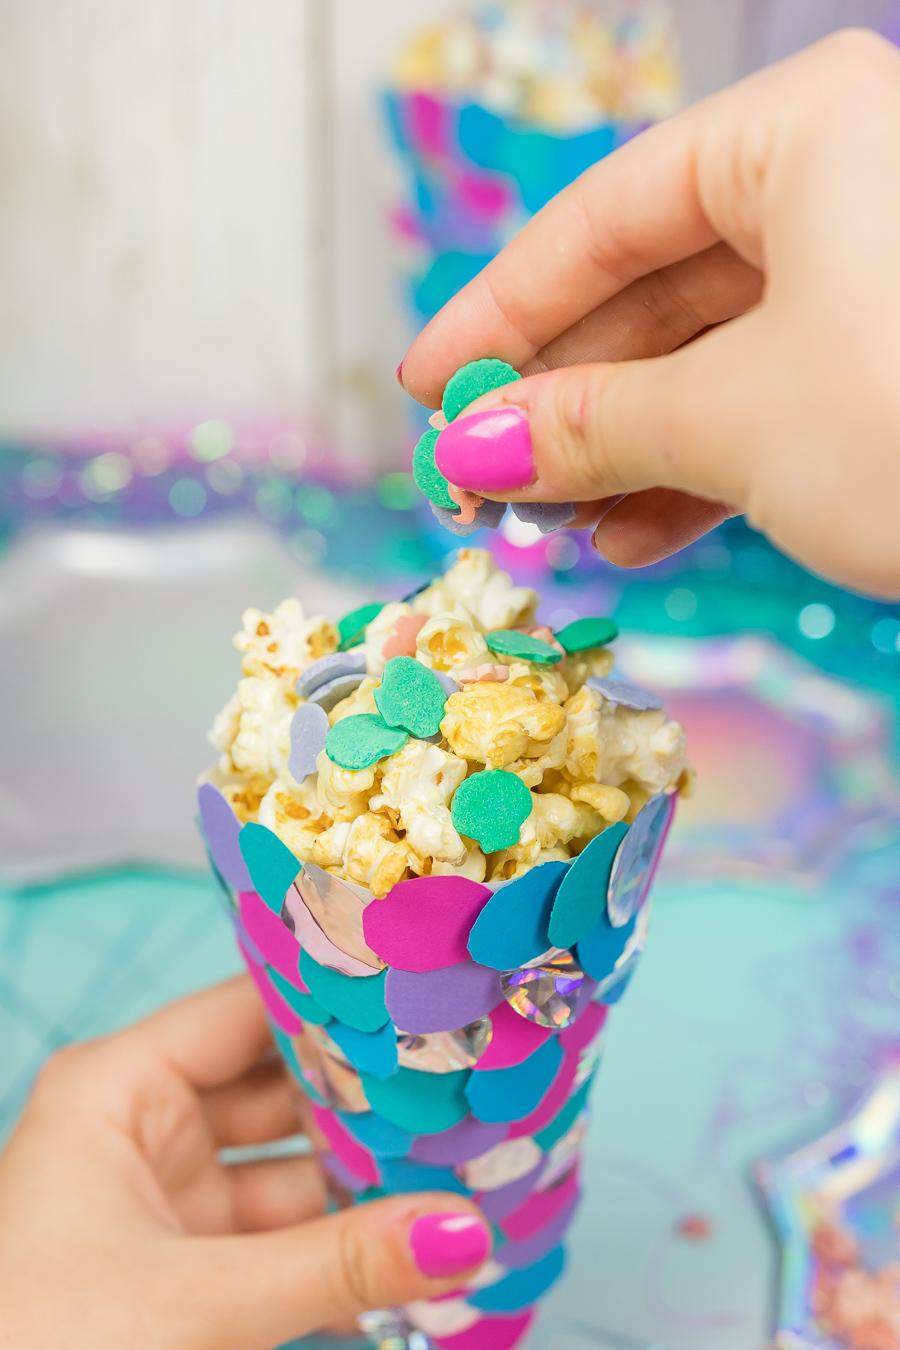 meerjungfrauen party diy ideen popcornt ten selber machen. Black Bedroom Furniture Sets. Home Design Ideas